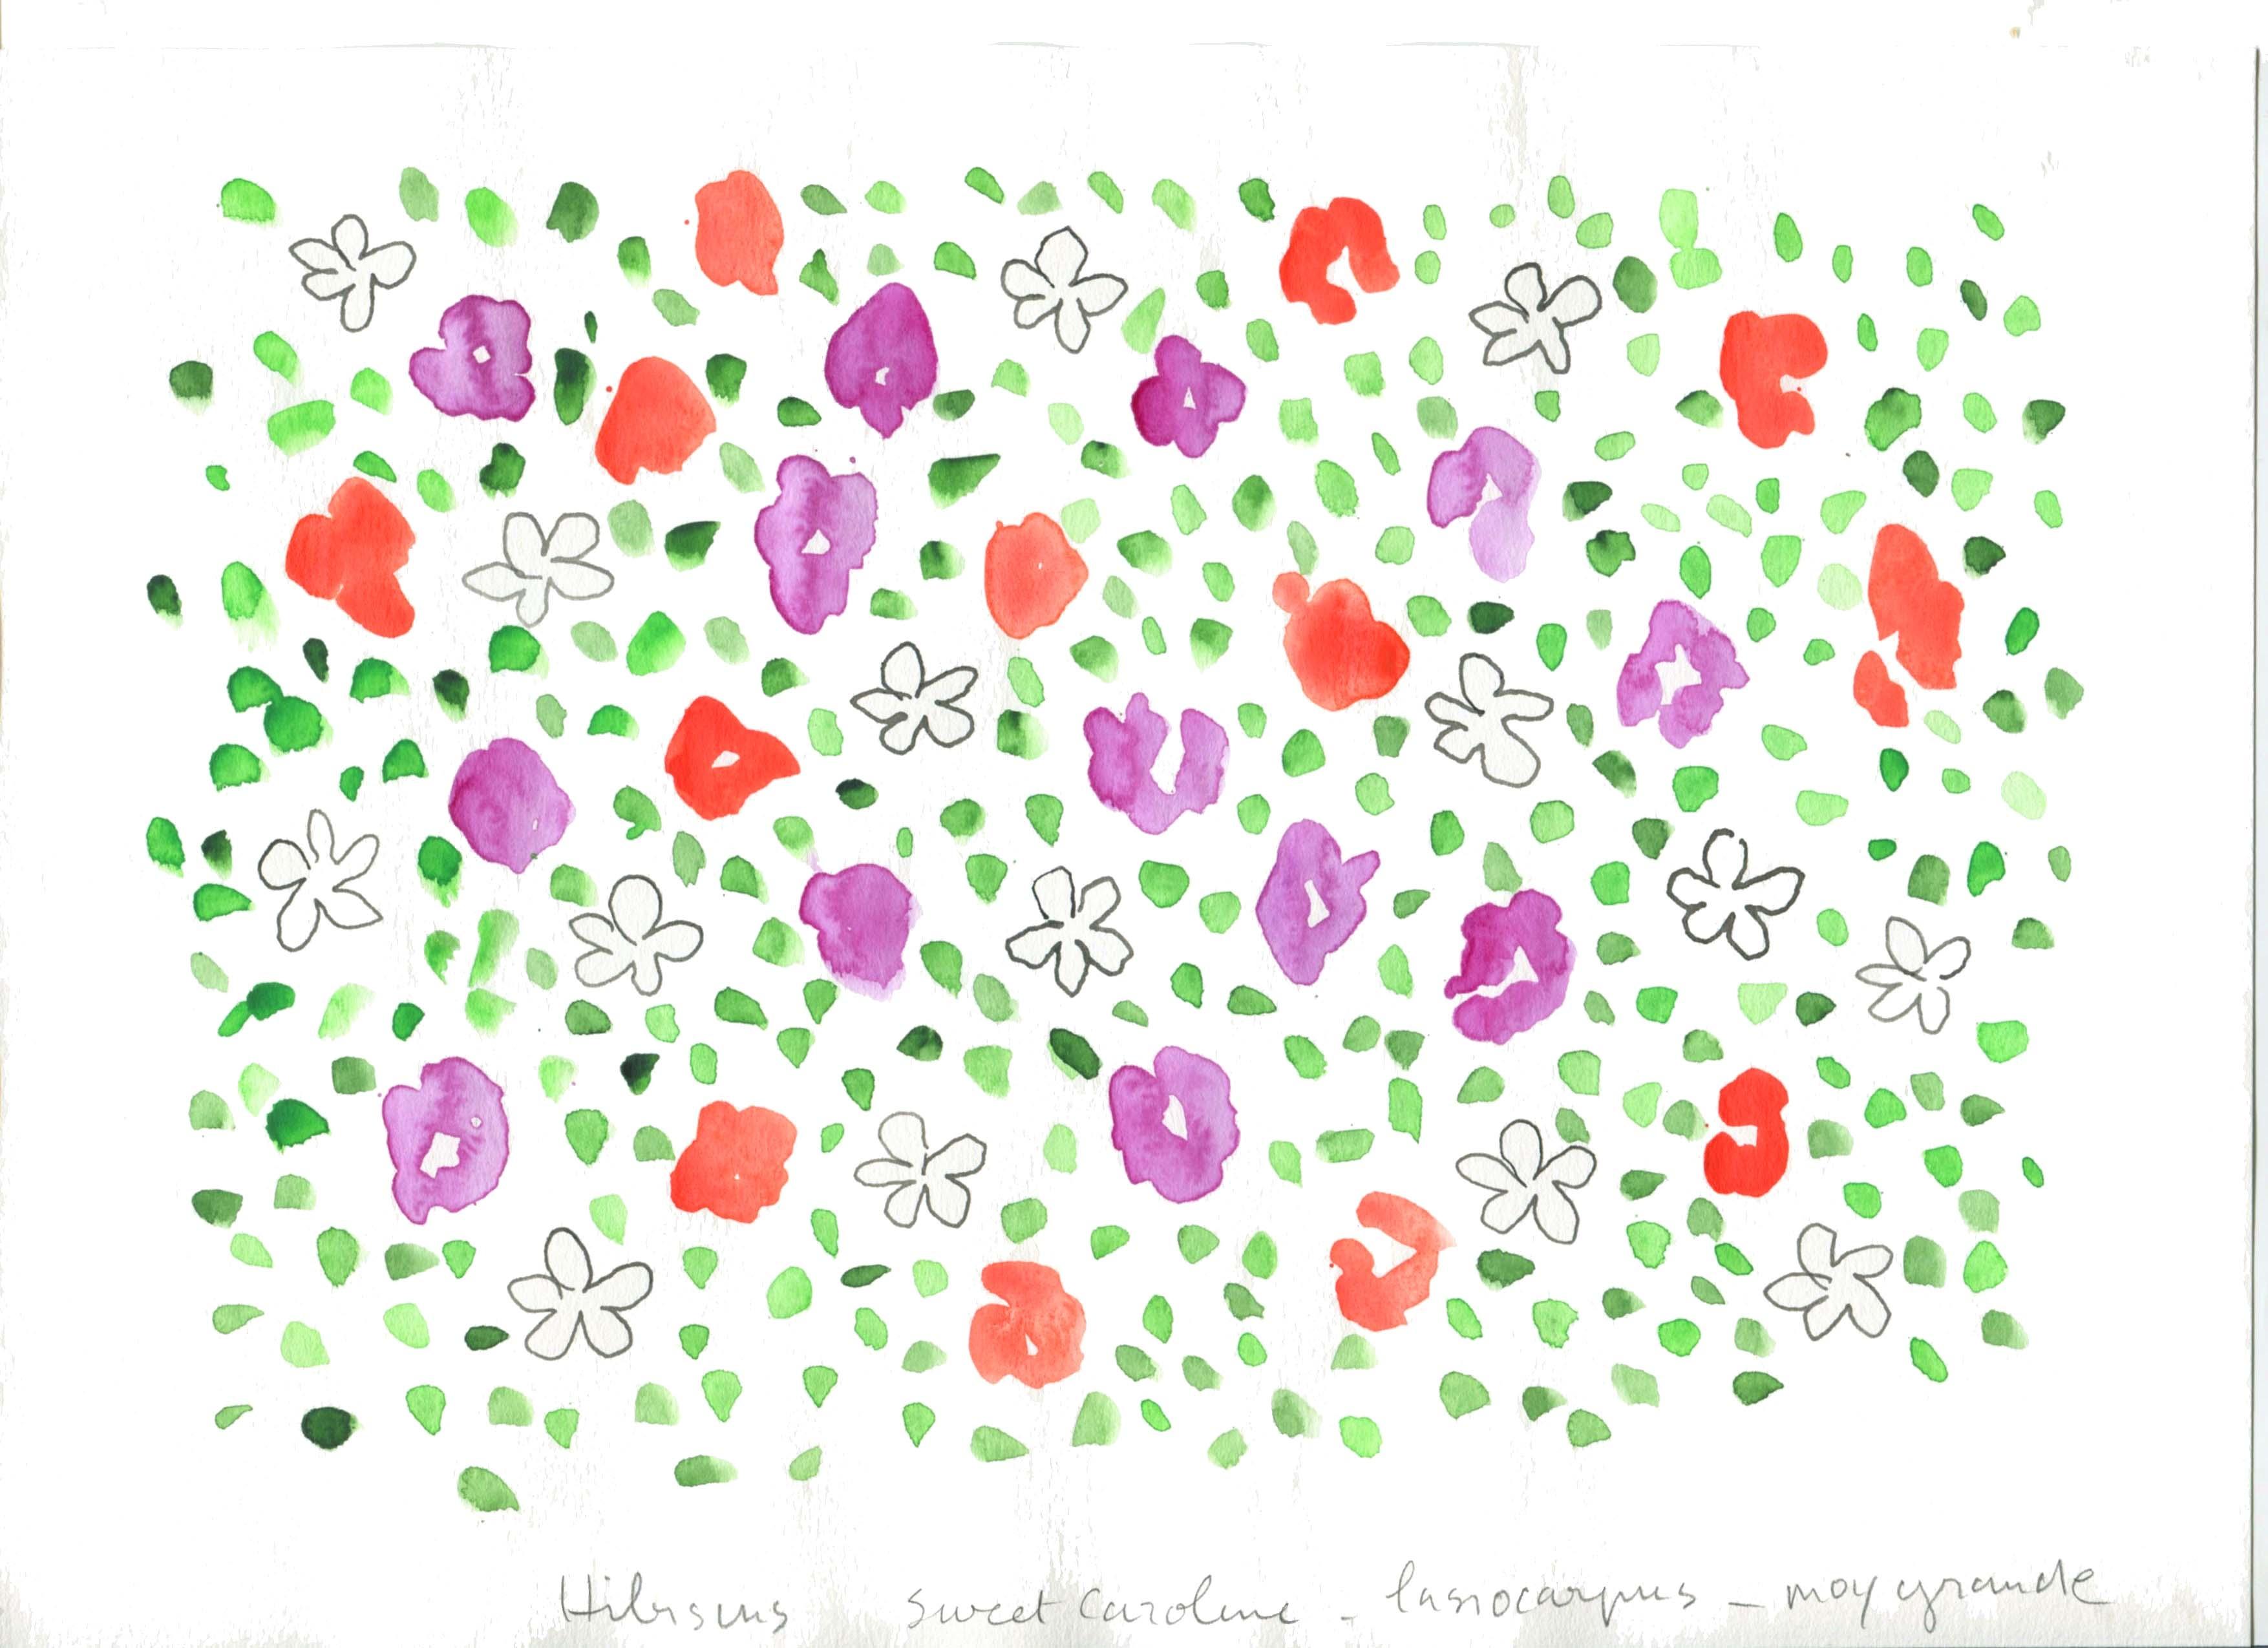 Motifs - fleurs - Végétal - Aquarelle